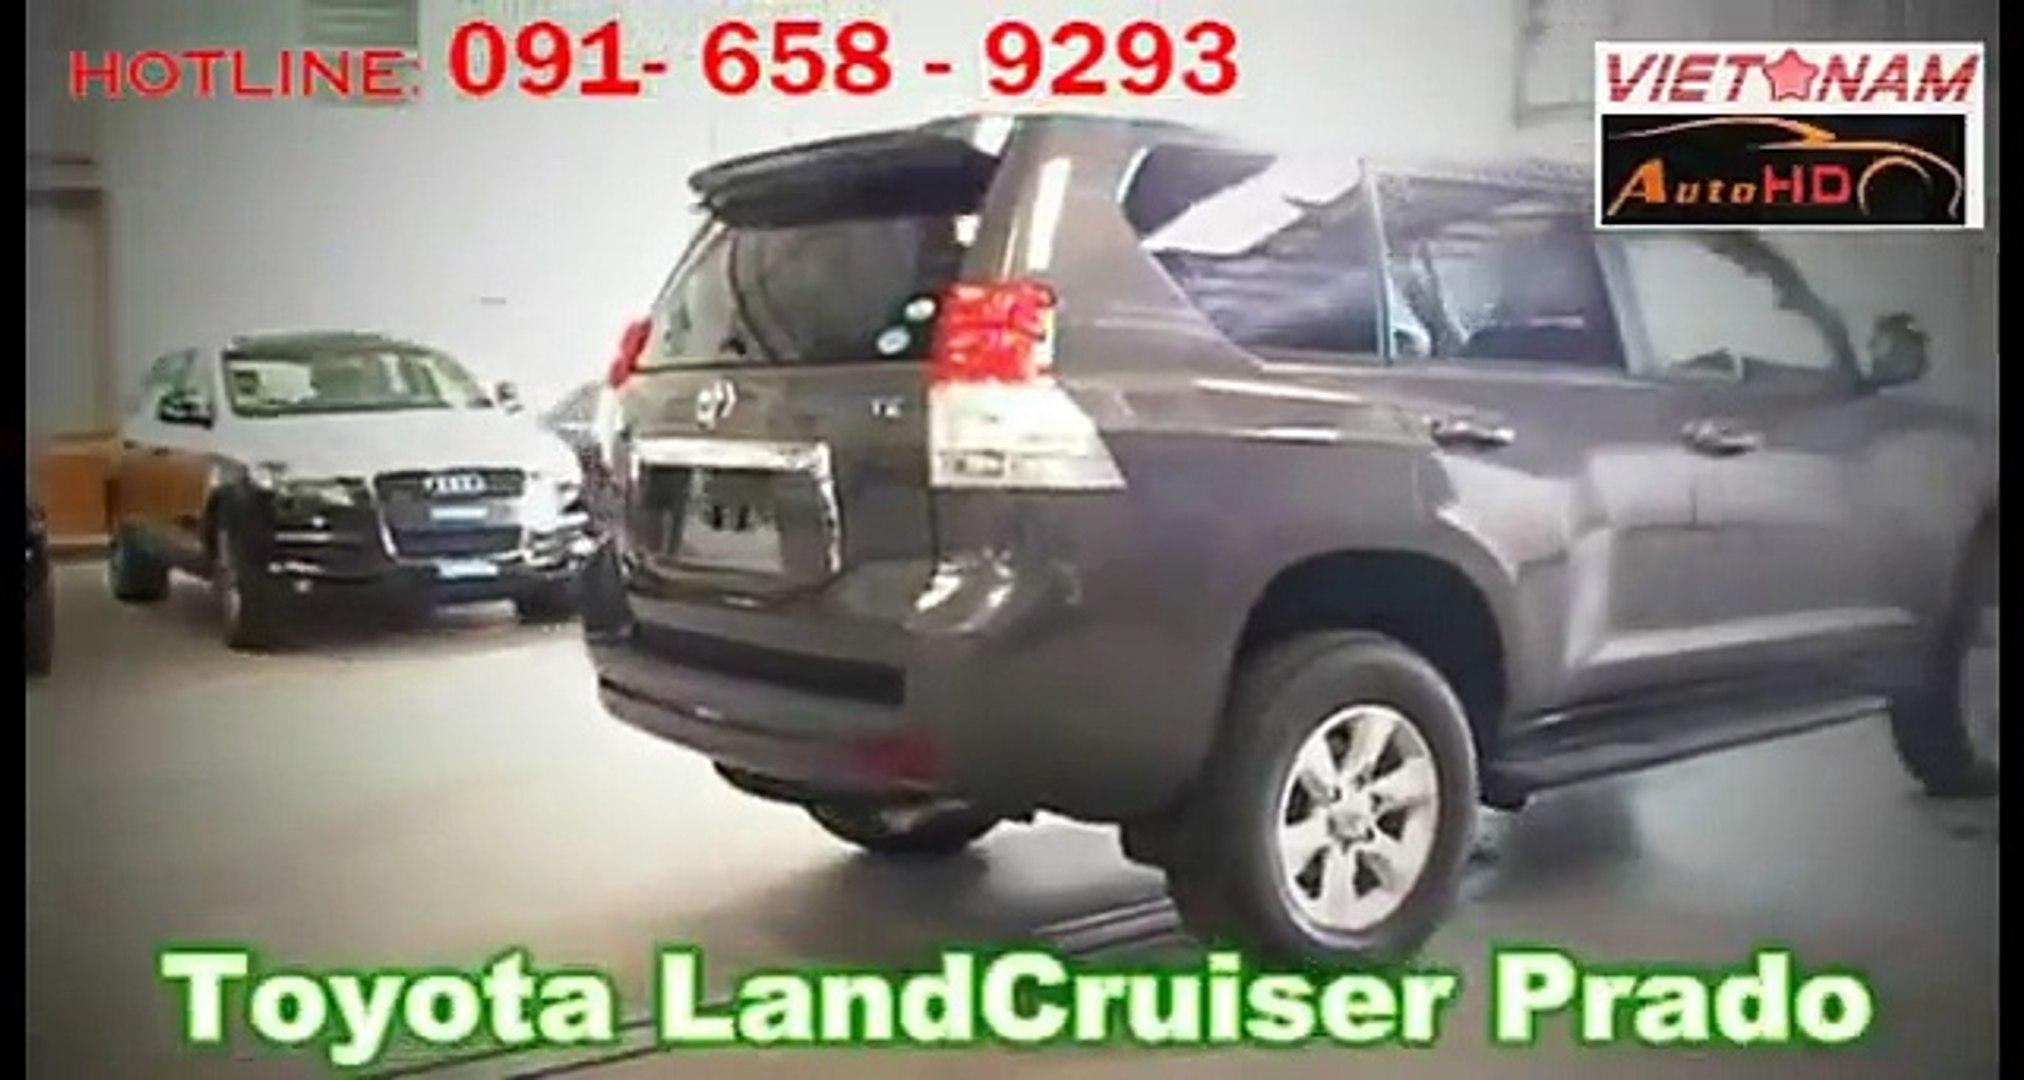 Toyota Land Cruiser Prado txl 2014,Toyota Prado 2014,Prado 2014,Prado txl 2014.